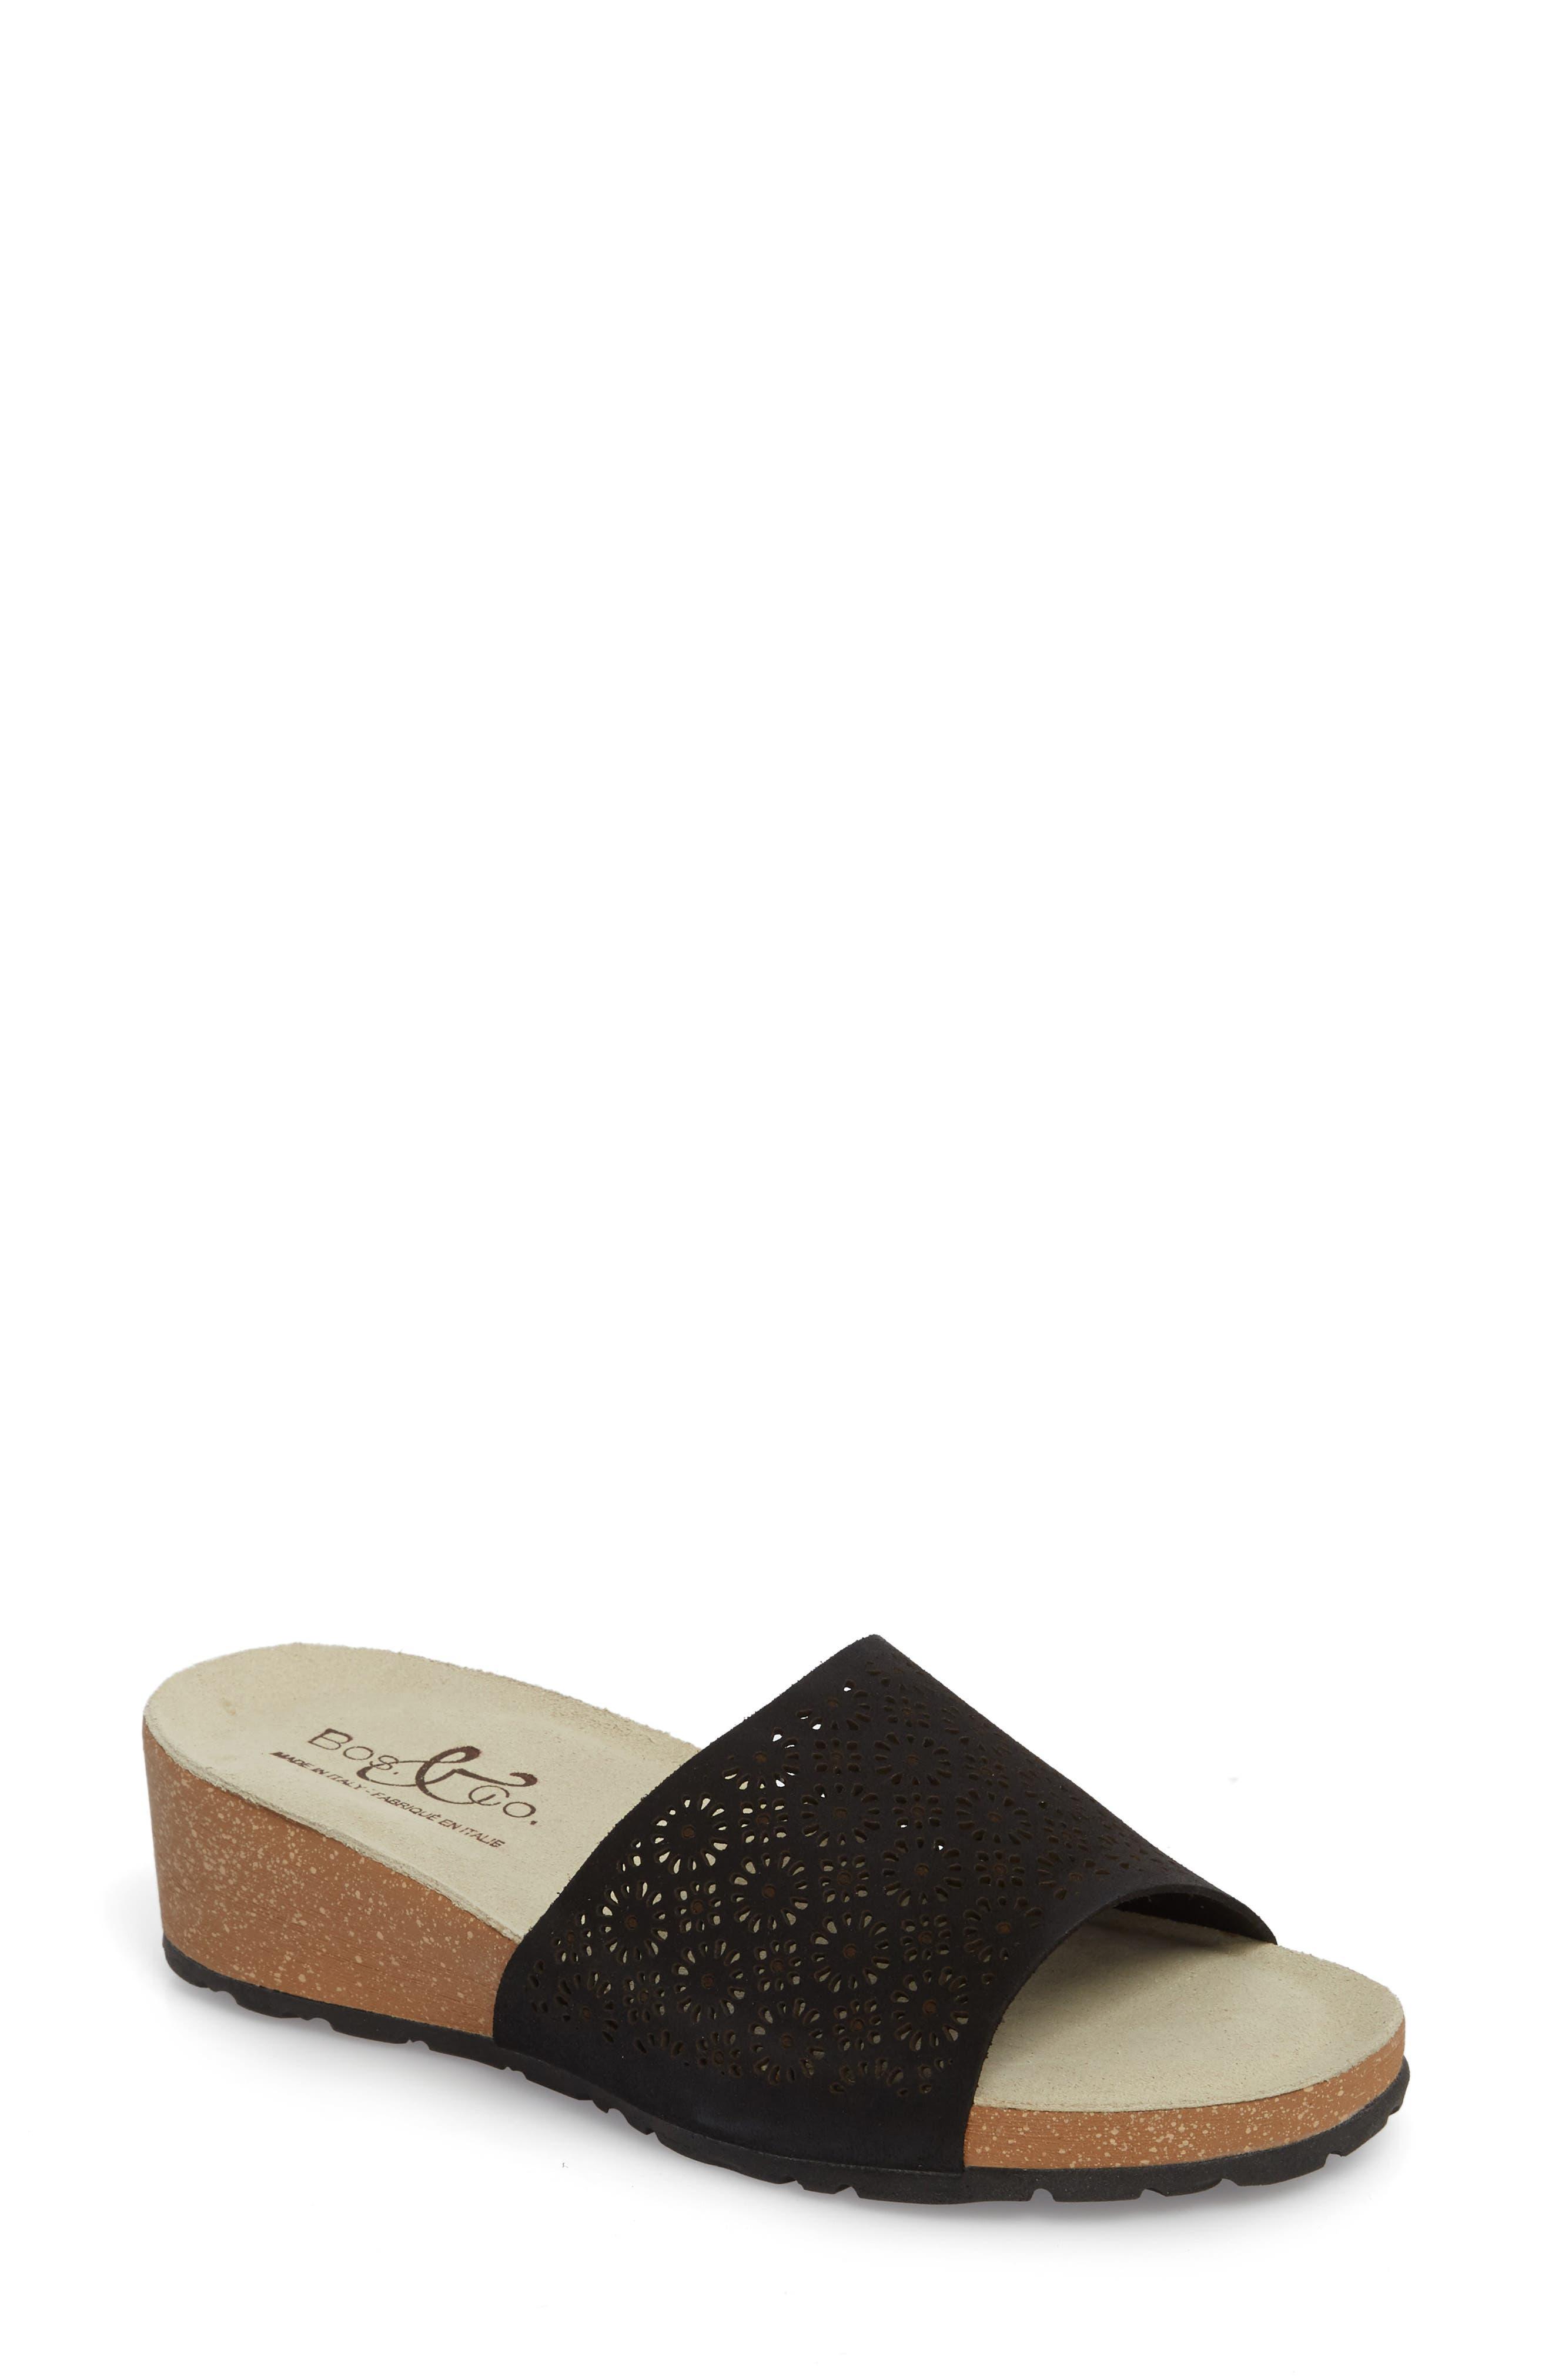 BOS. & CO., Loa Wedge Slide Sandal, Main thumbnail 1, color, BLACK SUEDE